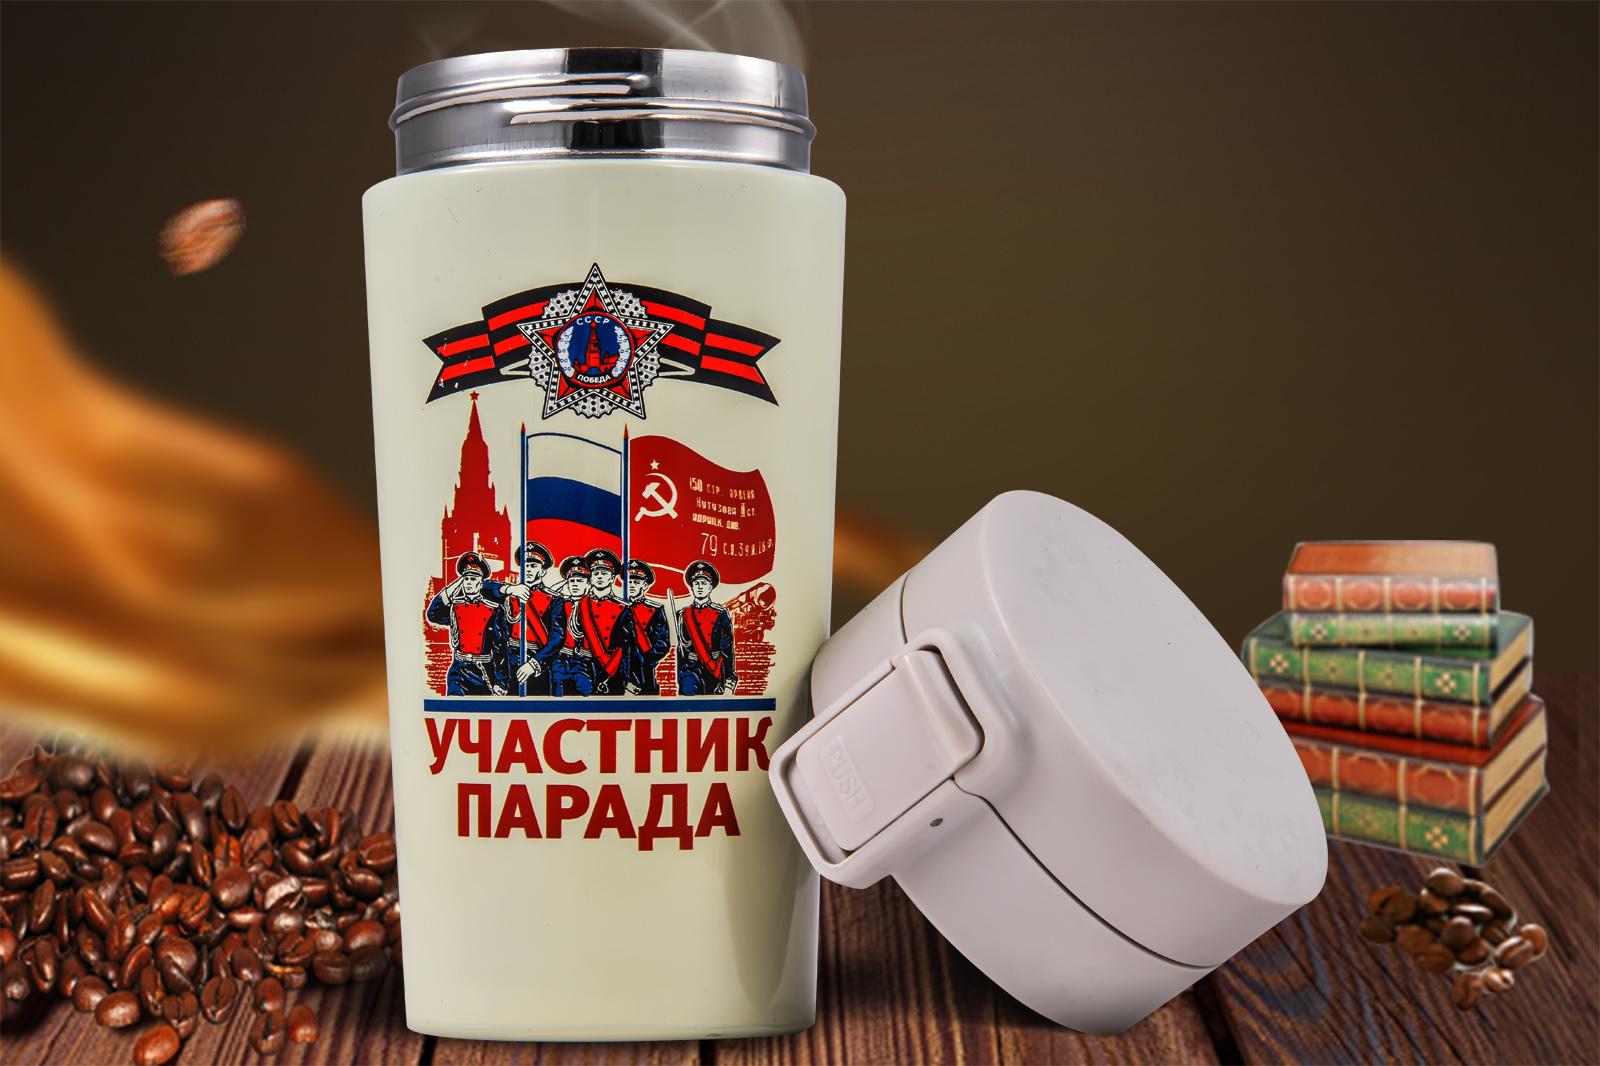 """Белая термокружка """"Участник парада"""""""